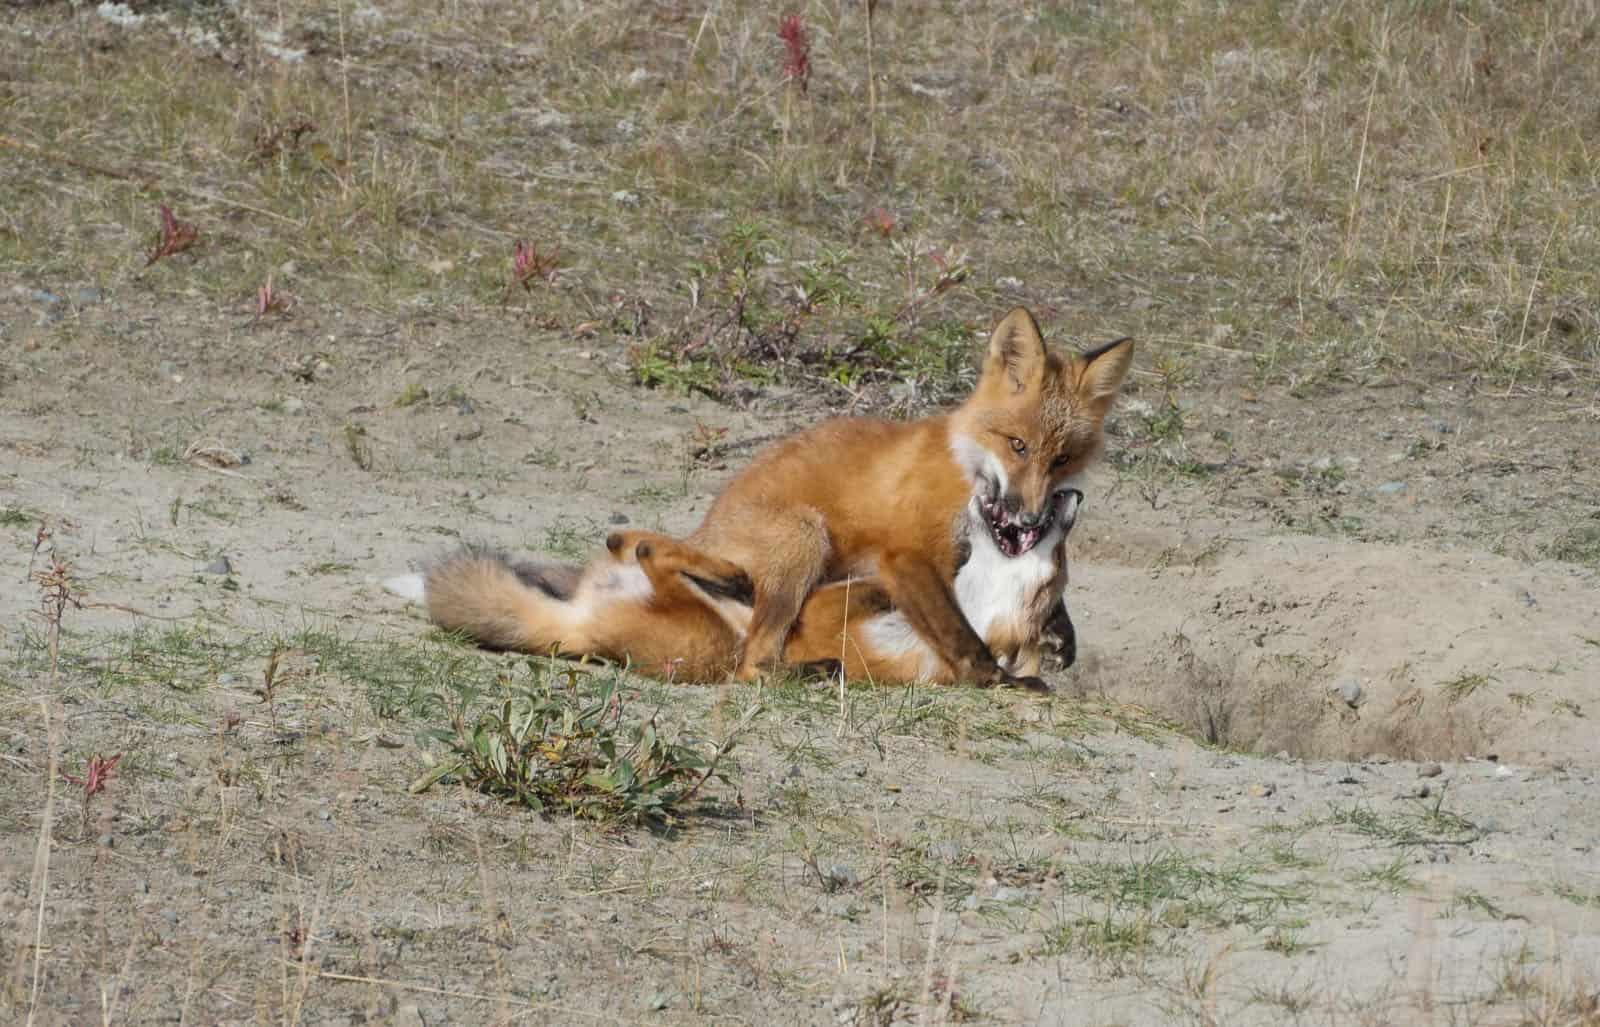 Spielende Füchse, wuselige Ground Squirrel und andere Tiere bevölkern den Straßenrand. Zeit zum Anhalten, die Tiere beobachten, lachen und fotografieren. Foto Faszination Kanada